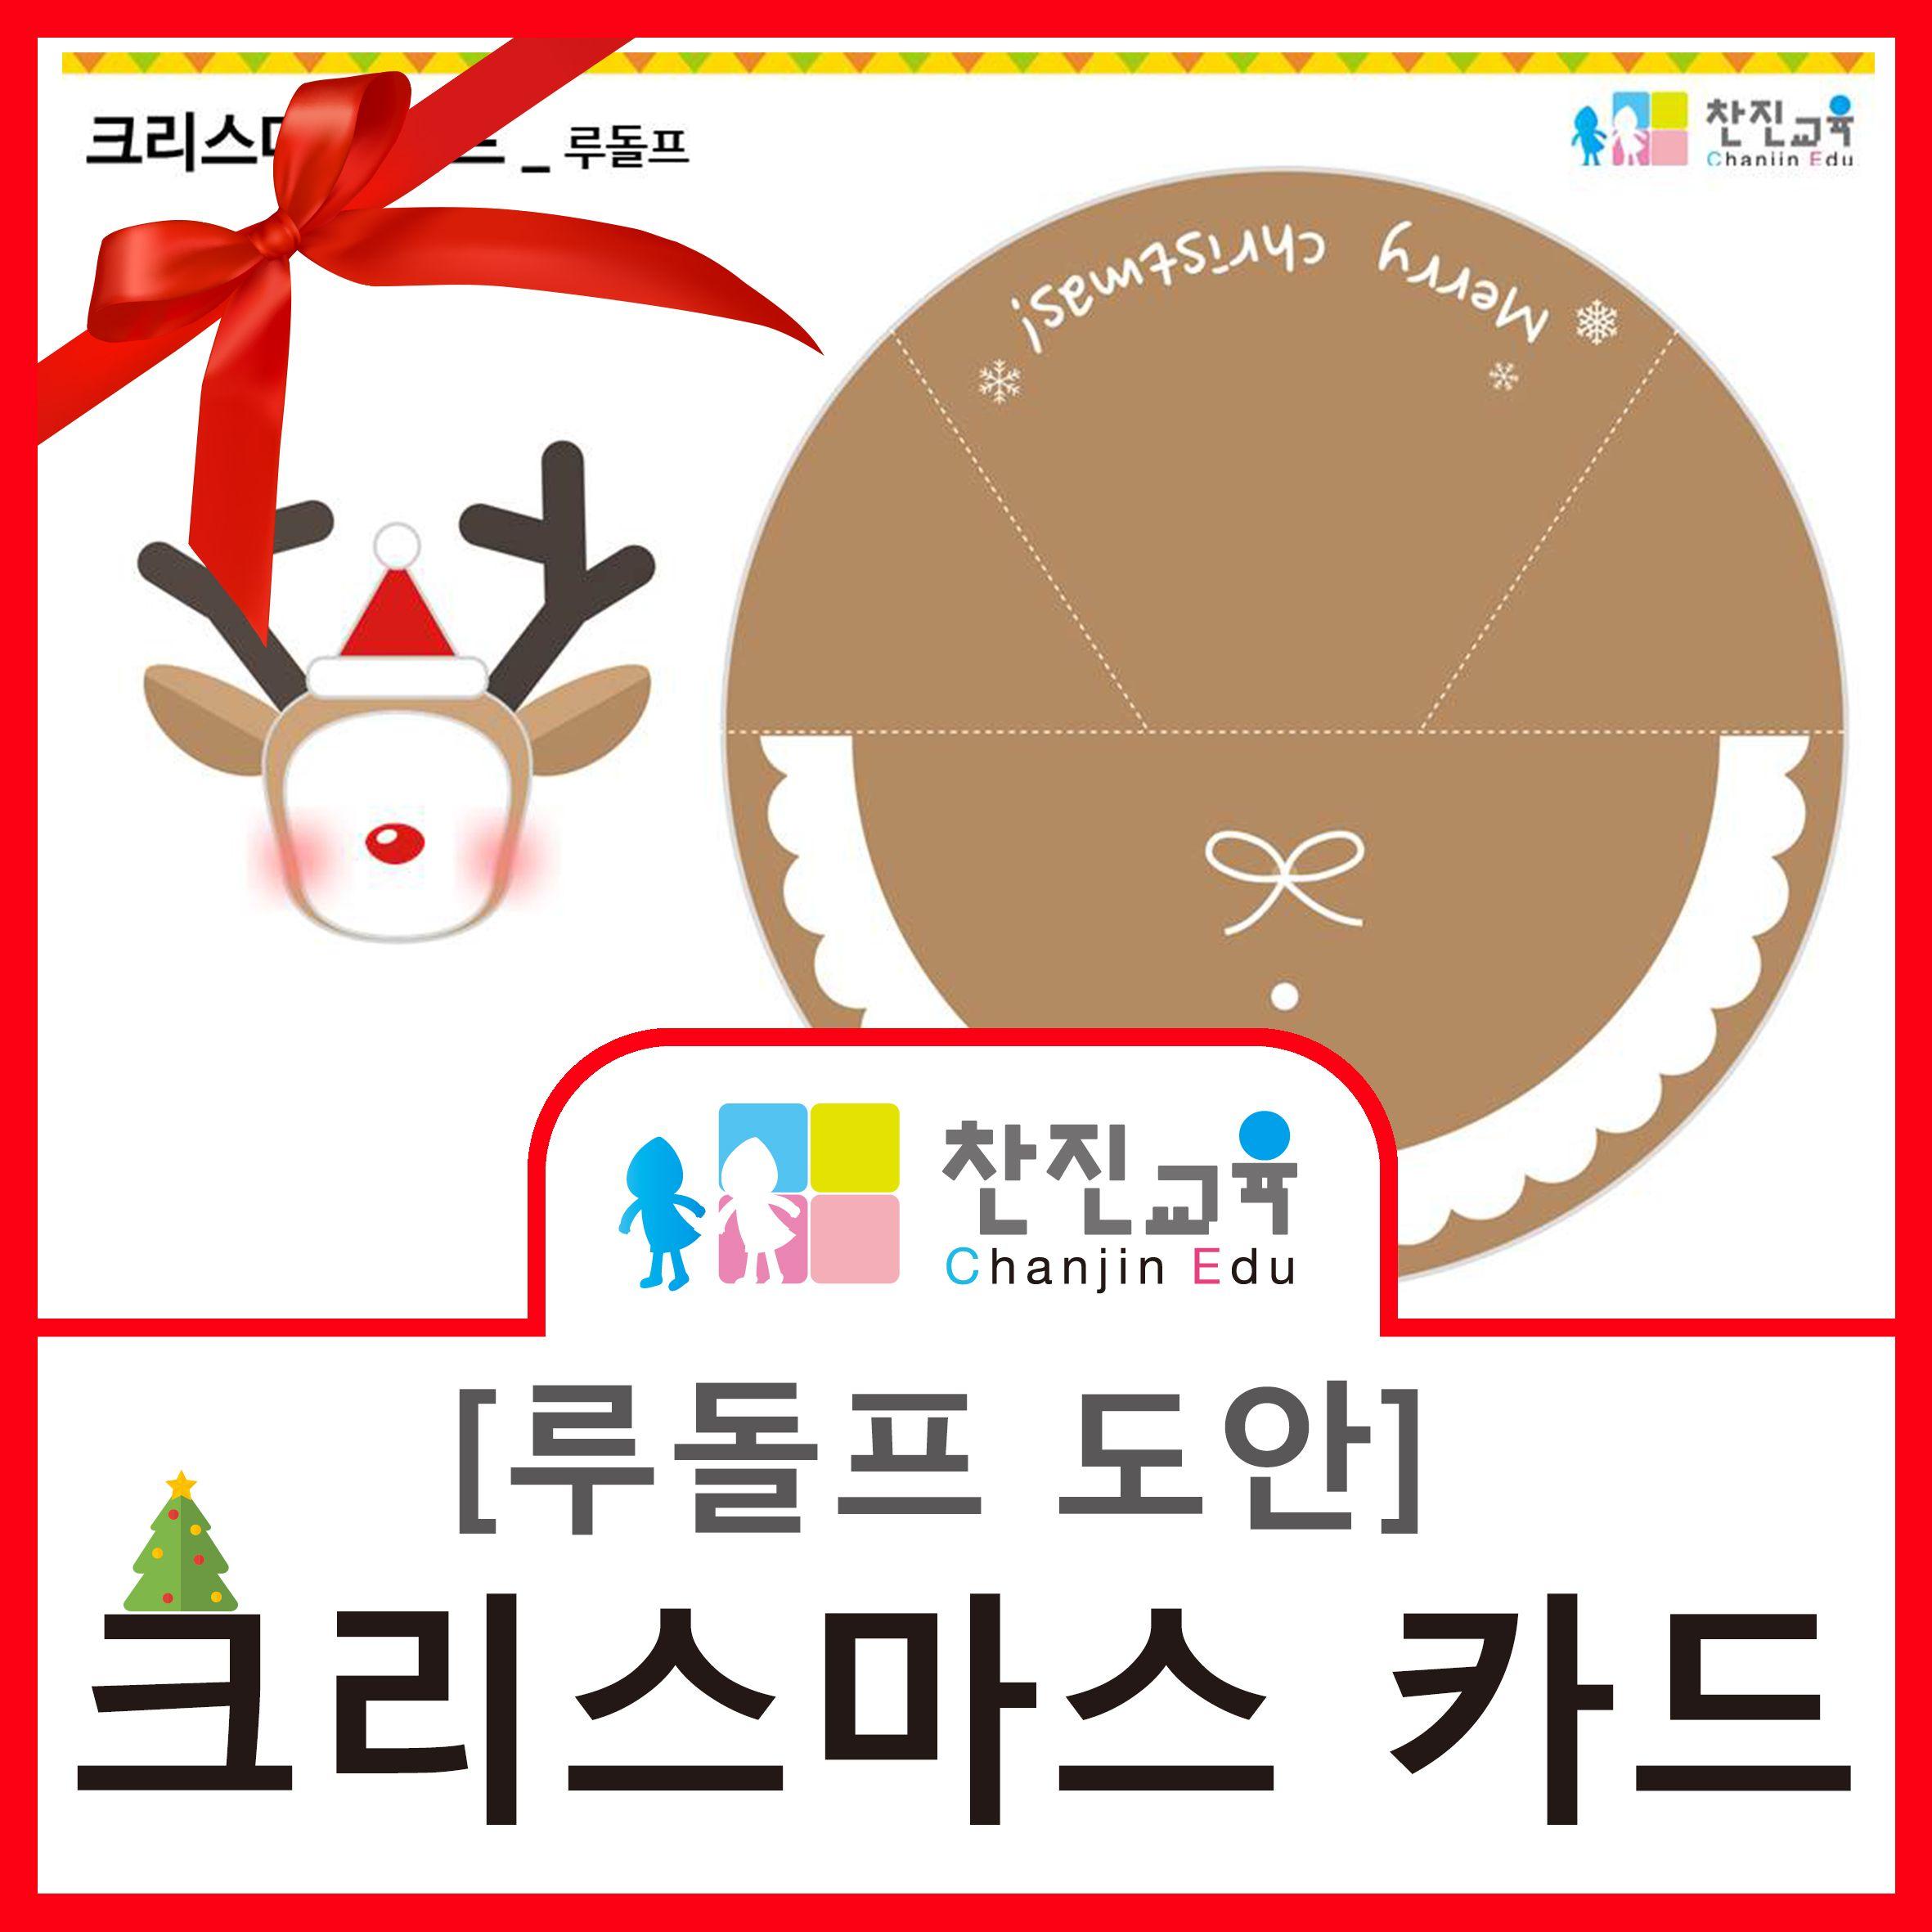 찬진교육 크리스마스 루돌프 카드 만들기 유치원 어린이집 수업자료 도안 크리스마스 카드 크리스마스 카드 만들기 카드 만들기